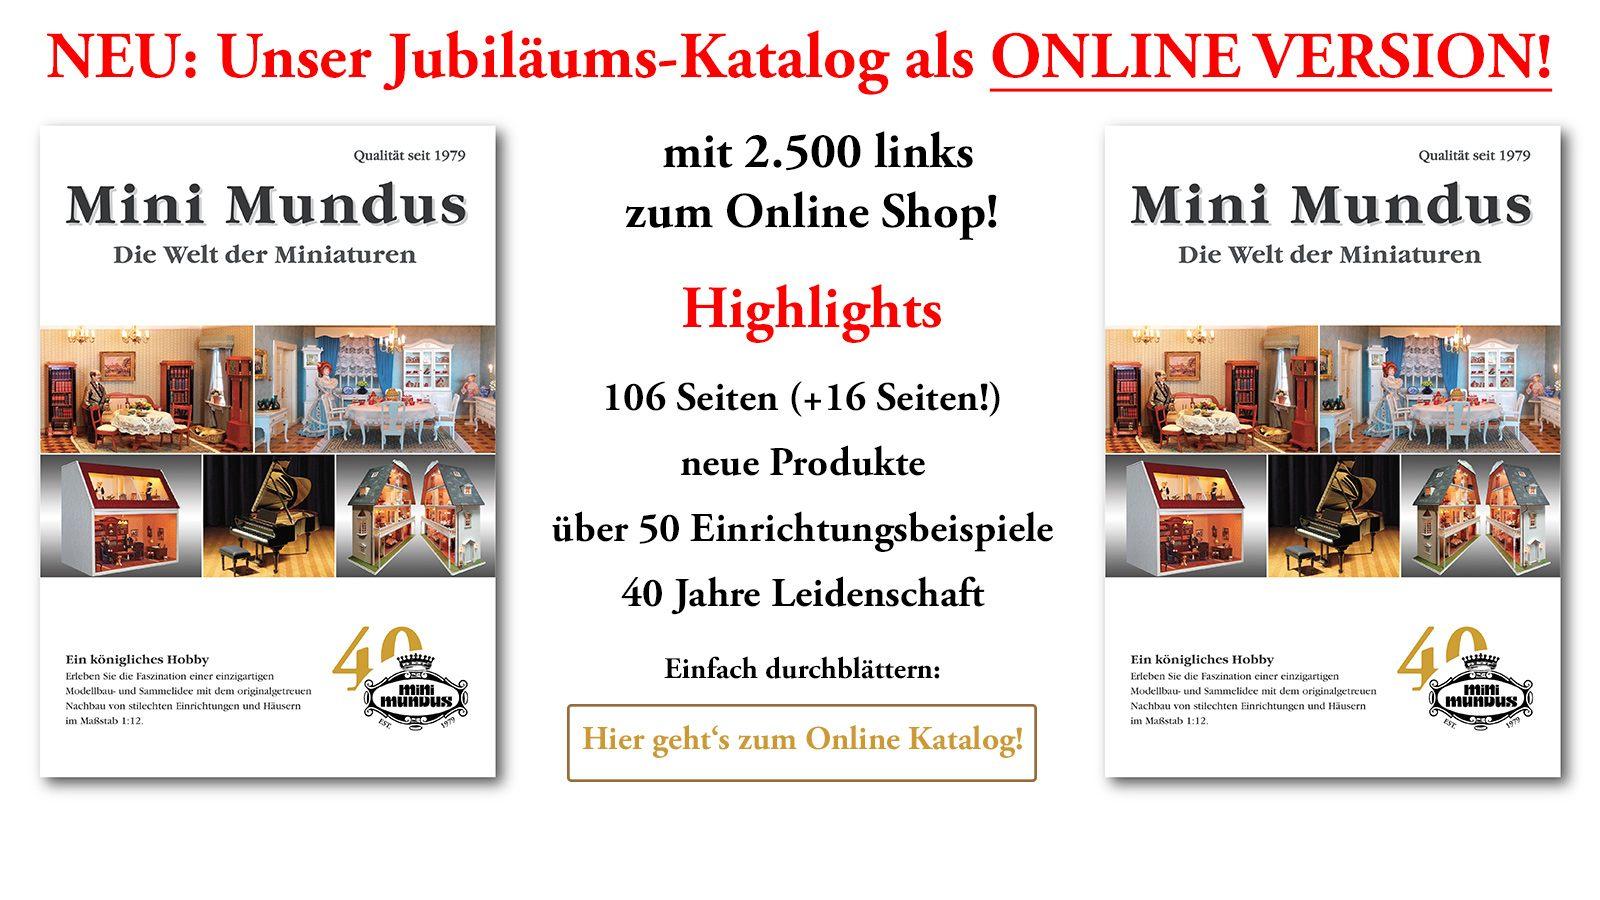 Spielend einfach: Klicken oder tippen Sie in den Bildern auf jedes Teil das Sie interessiert; Sie gelangen direkt zum Online Shop!